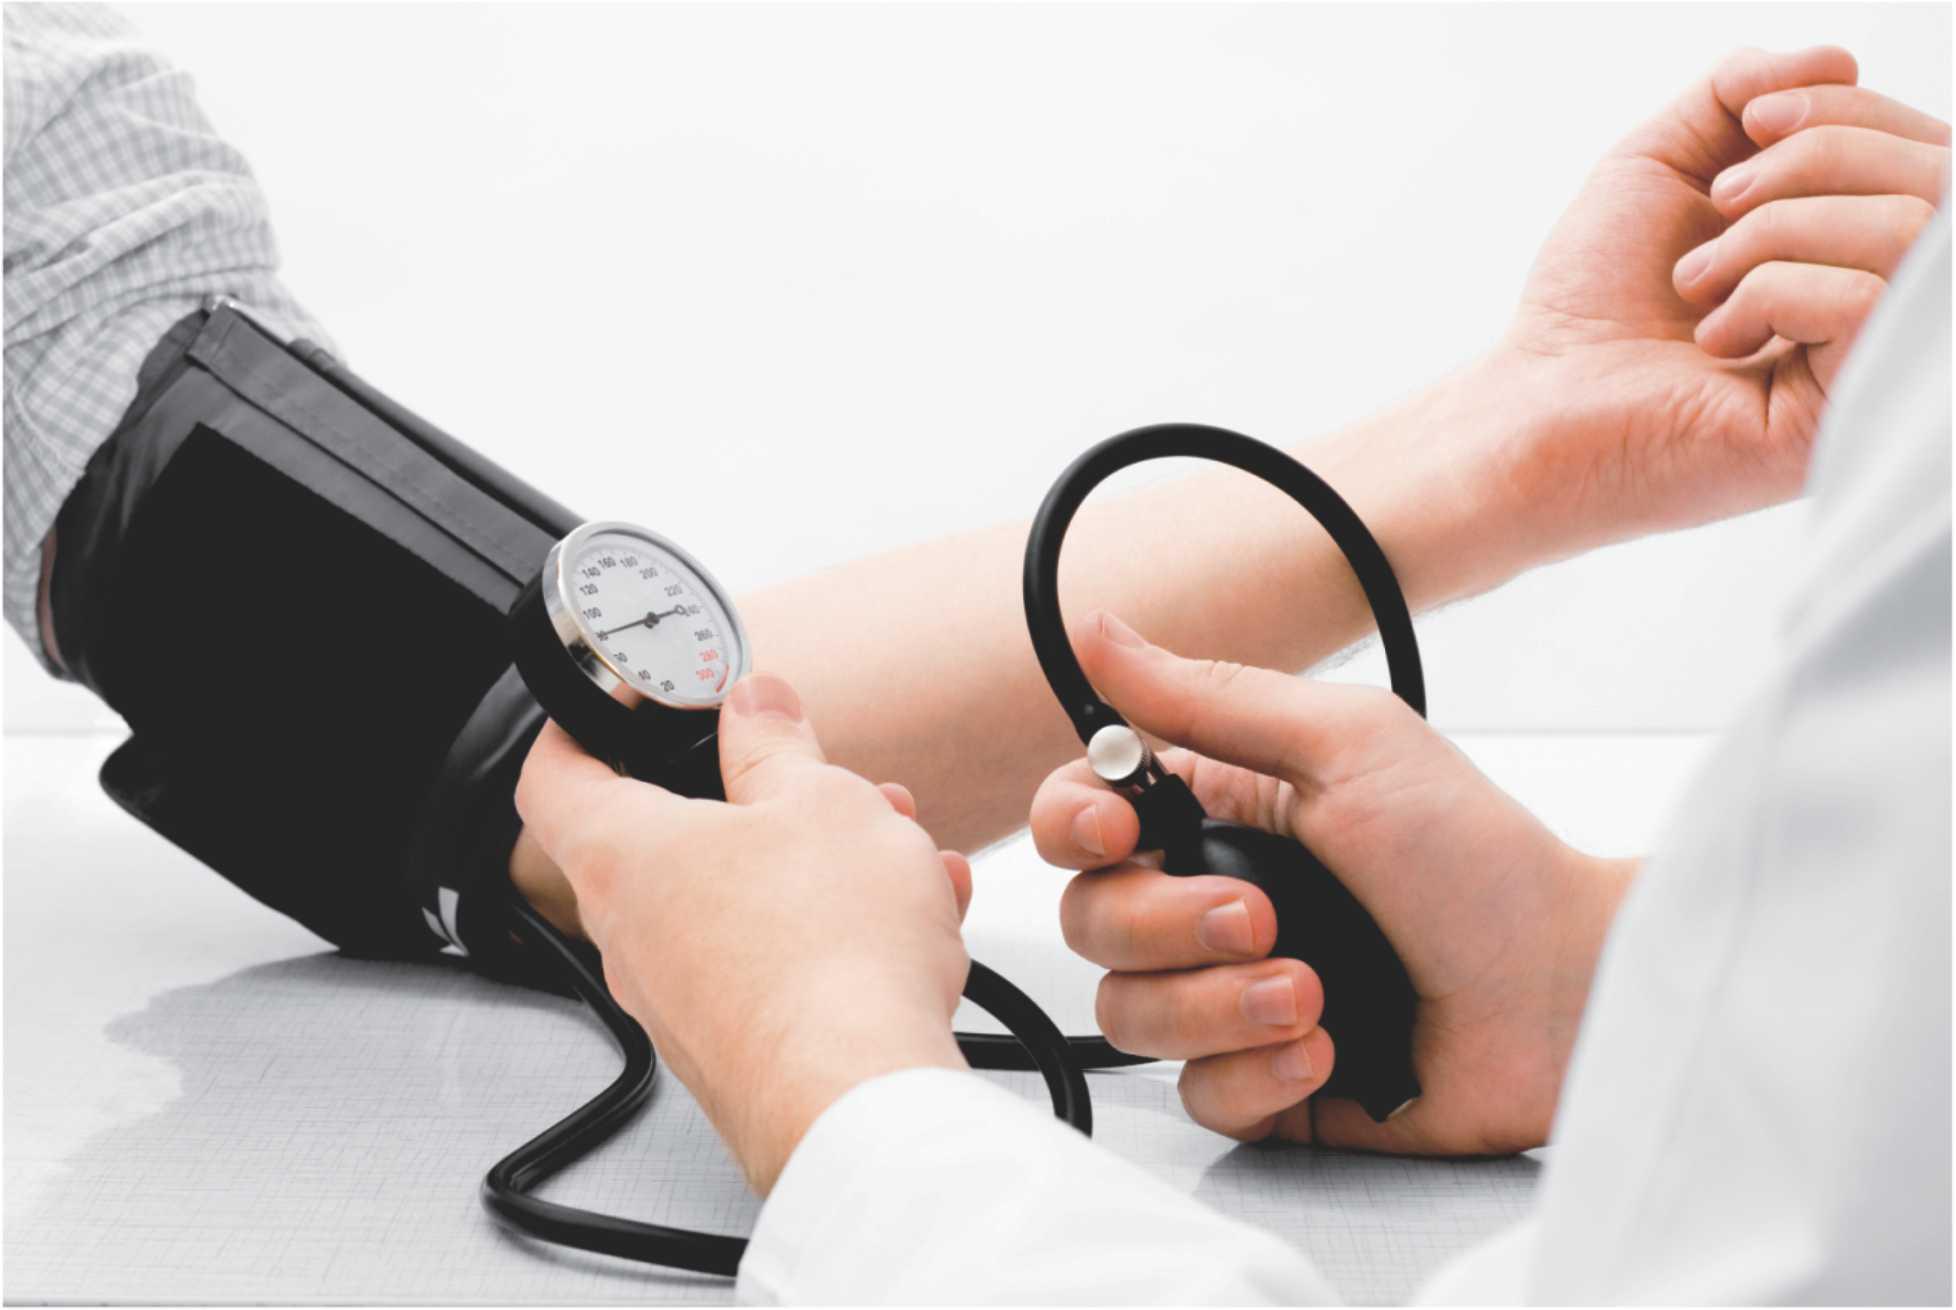 hipertensao-perda-auditiva